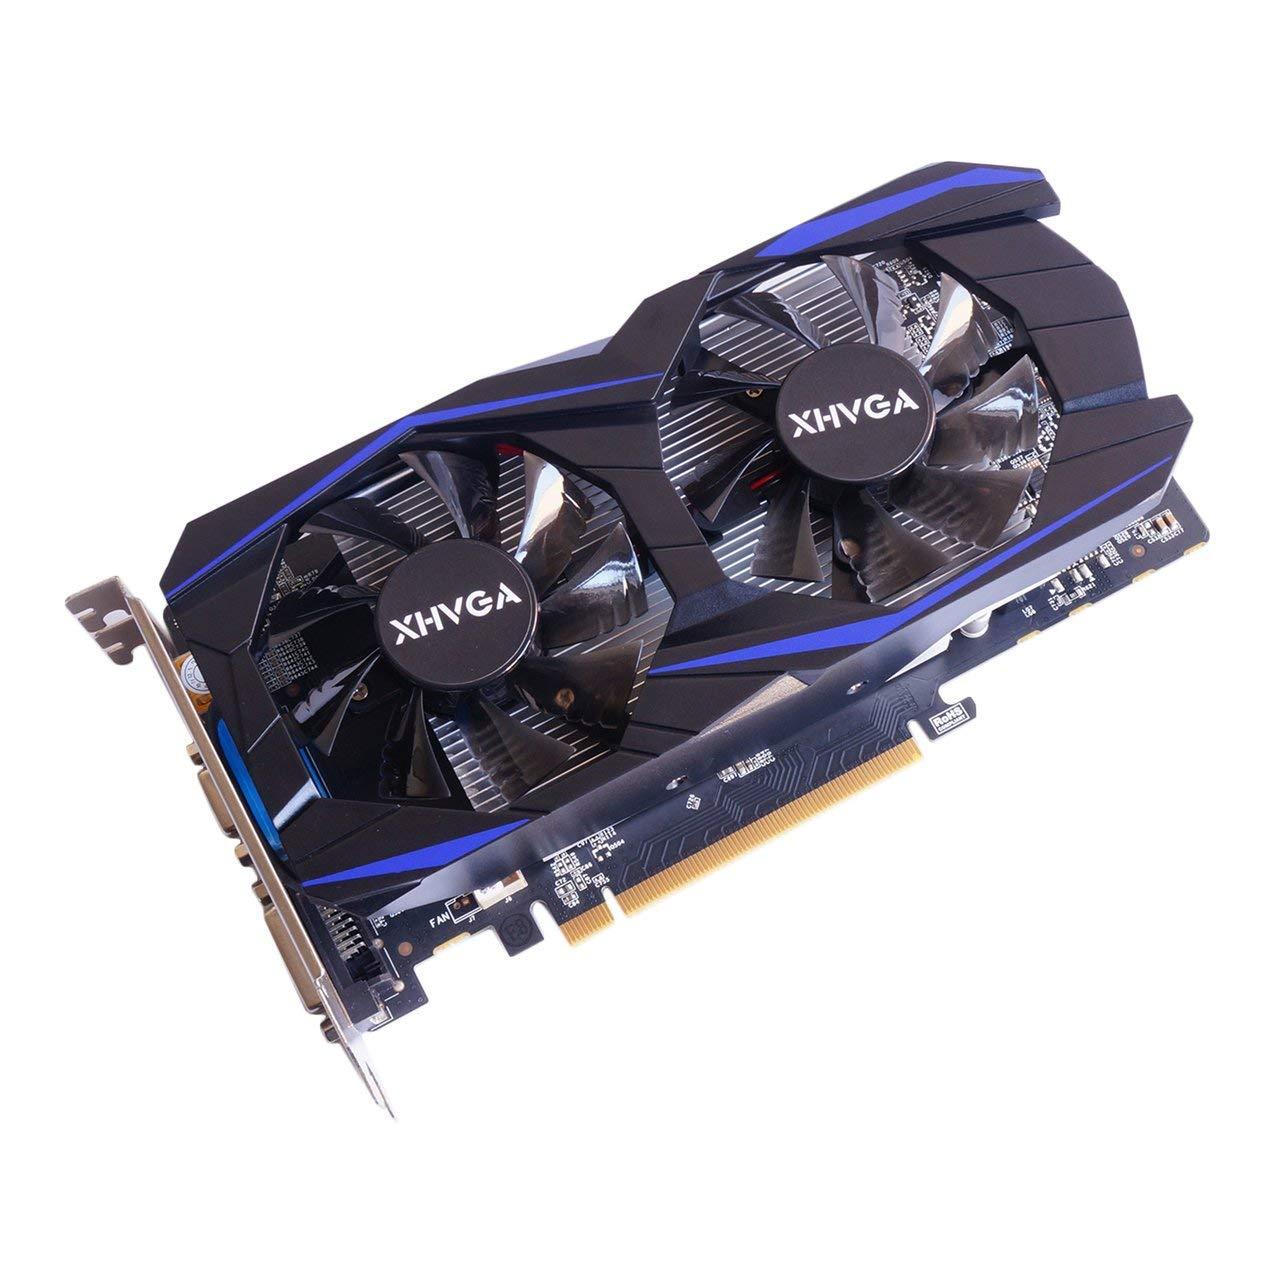 Wokee AMD ATI Radeon HD7670 4 GB DDR5 128 Bit Pci-Express unabh/ängige,passiv Grafikkarte HDMI + VGA + DVI, 4GB 40 NM Speicher, 650 MHz